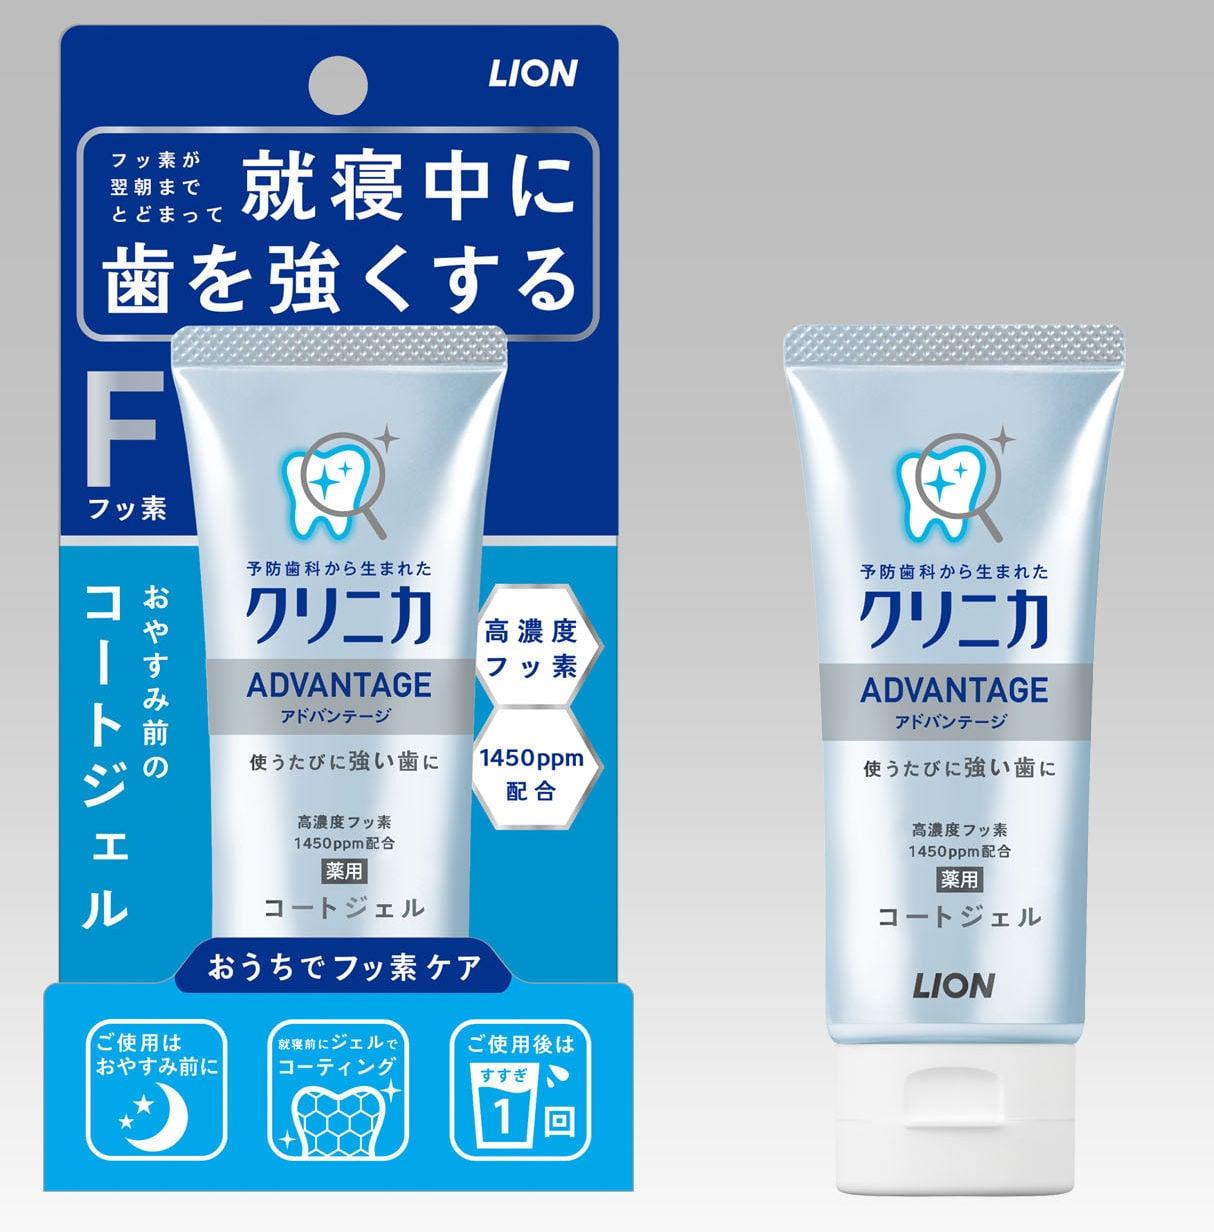 LION、これまでの1.5倍の高濃度フッ素配合の歯磨き粉「クリニカアドバンテージ コートジェル」